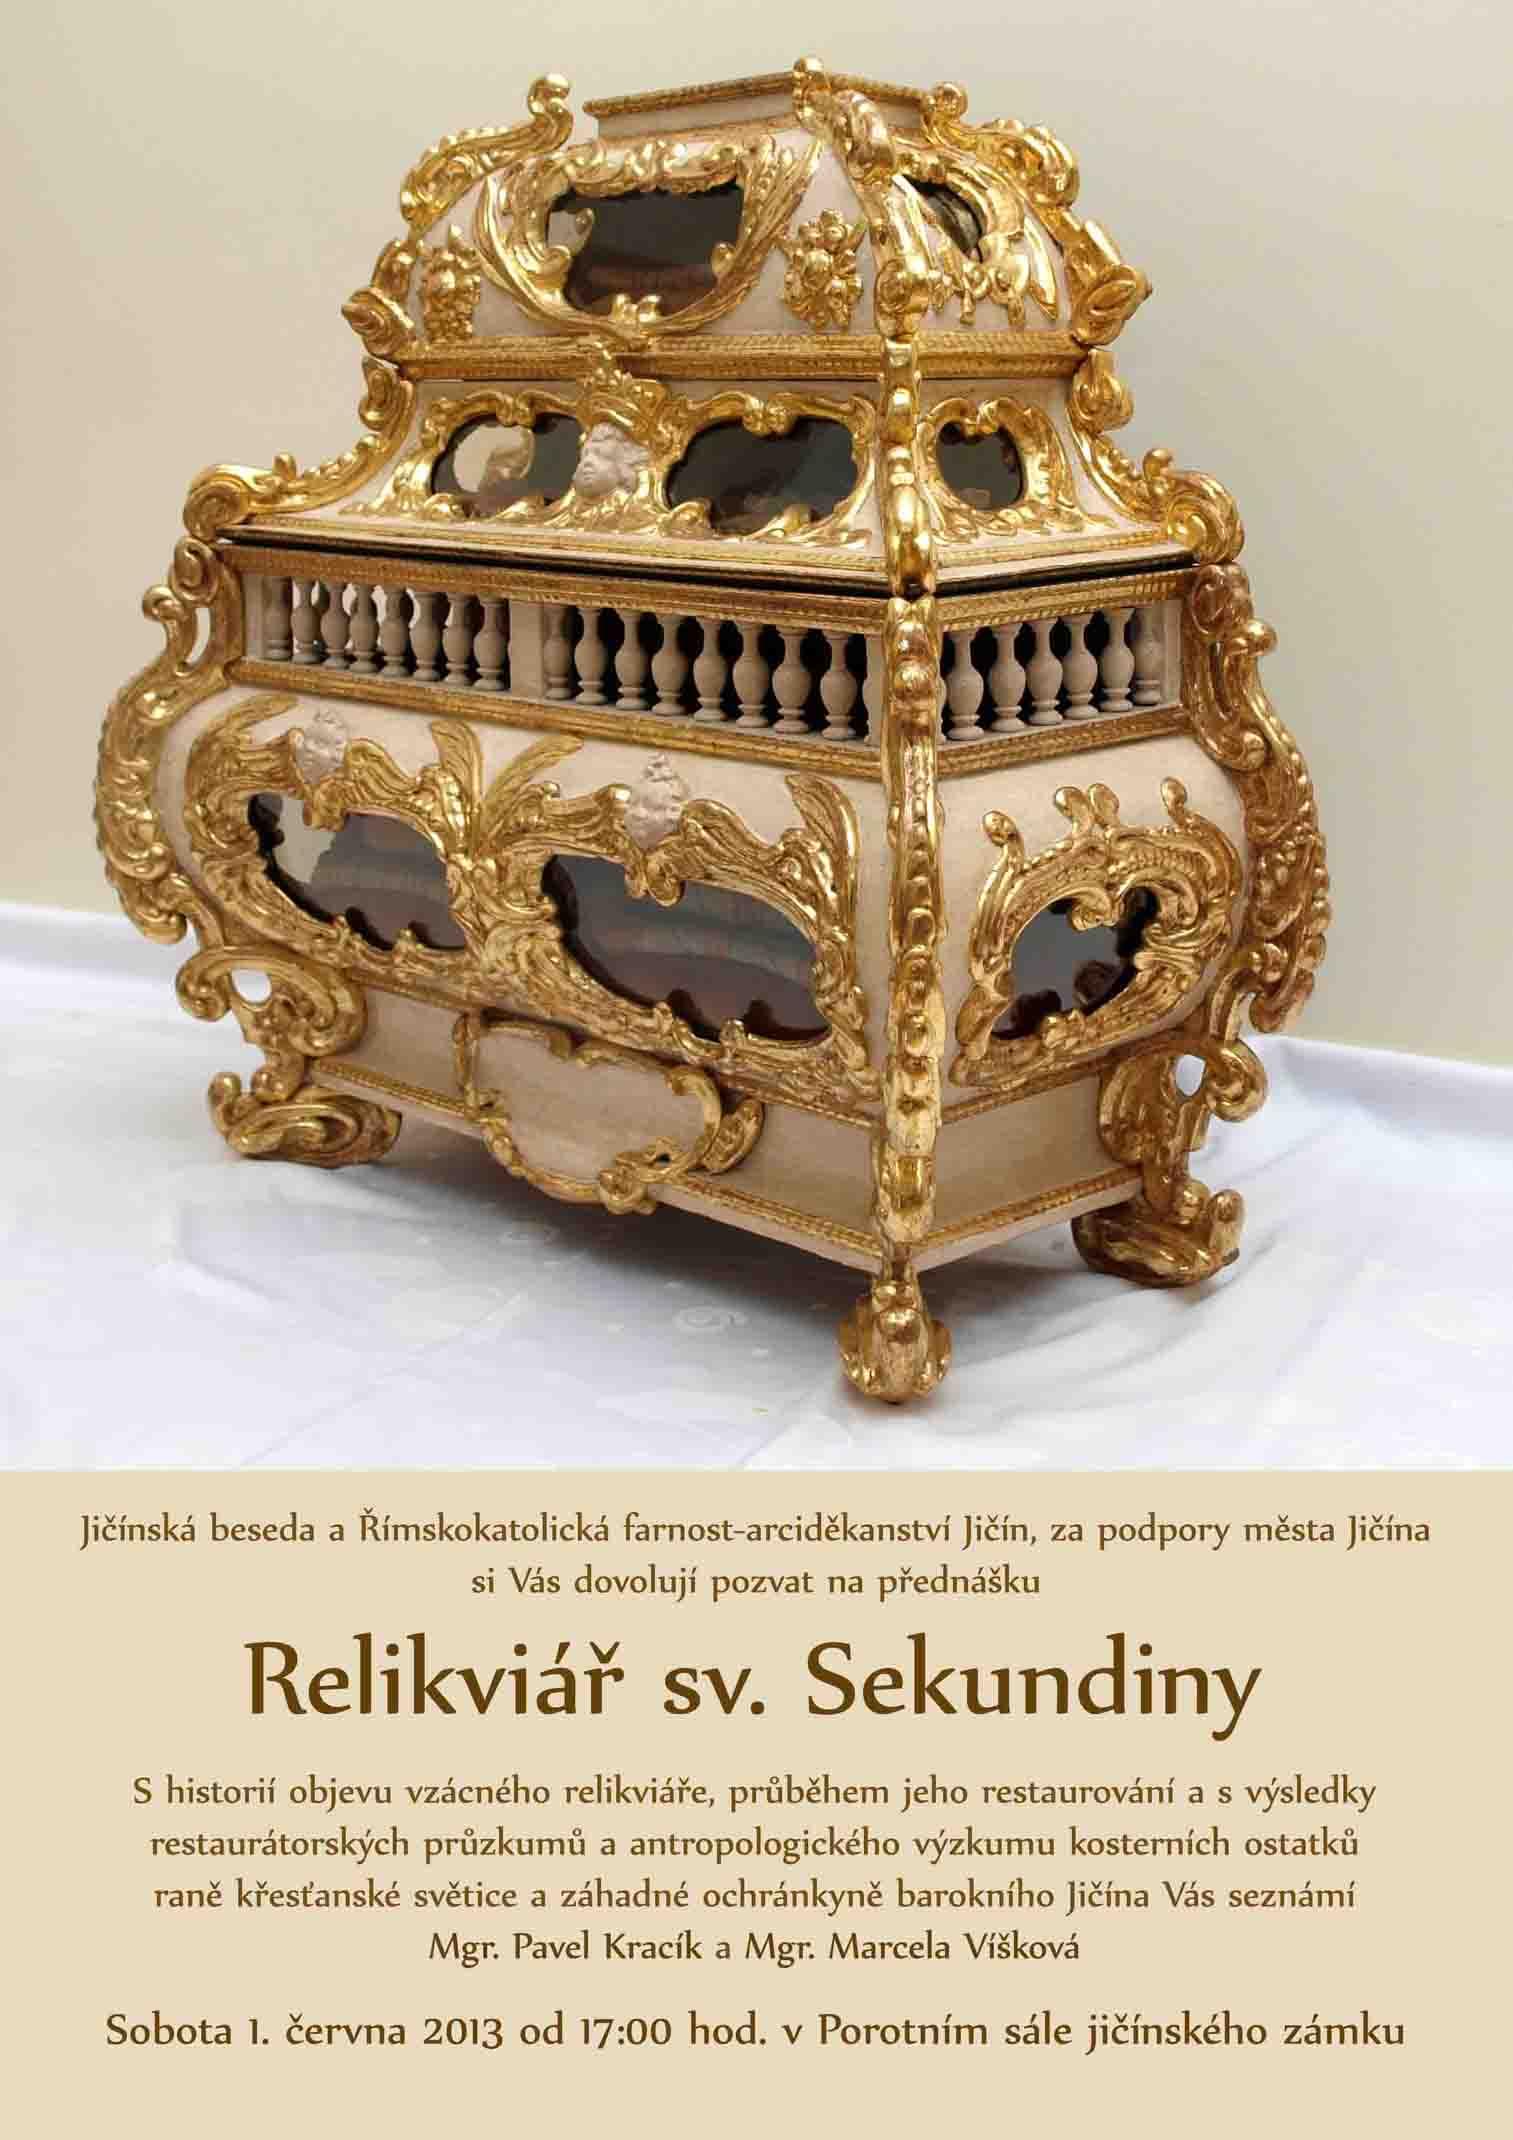 Relikviář sv. Sekundiny – pozvánka